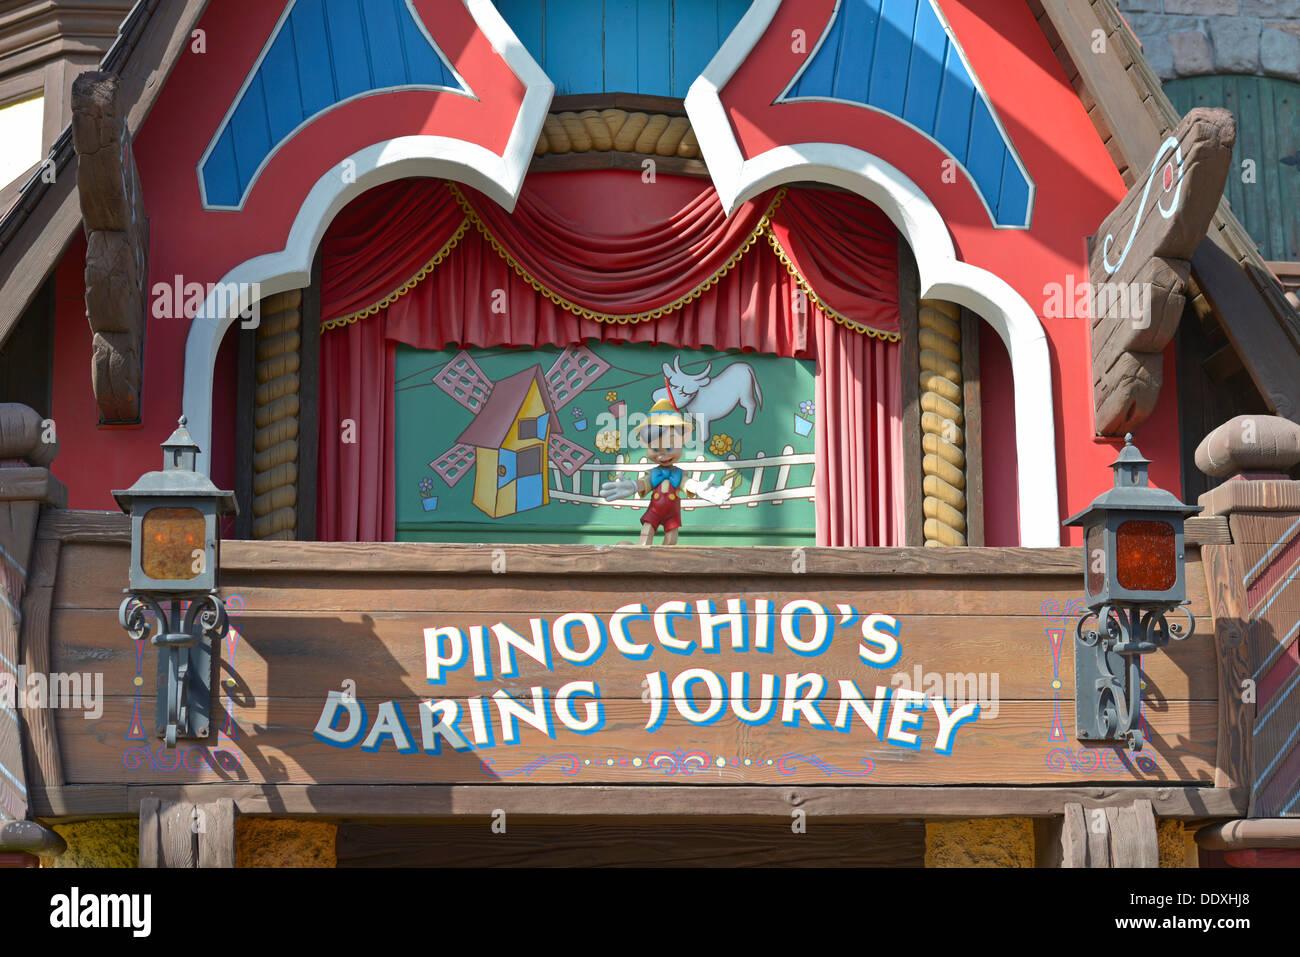 Pinocchios gewagte Reise, Pinocchio Fahrt, Disneyland, Anaheim, Kalifornien Stockbild